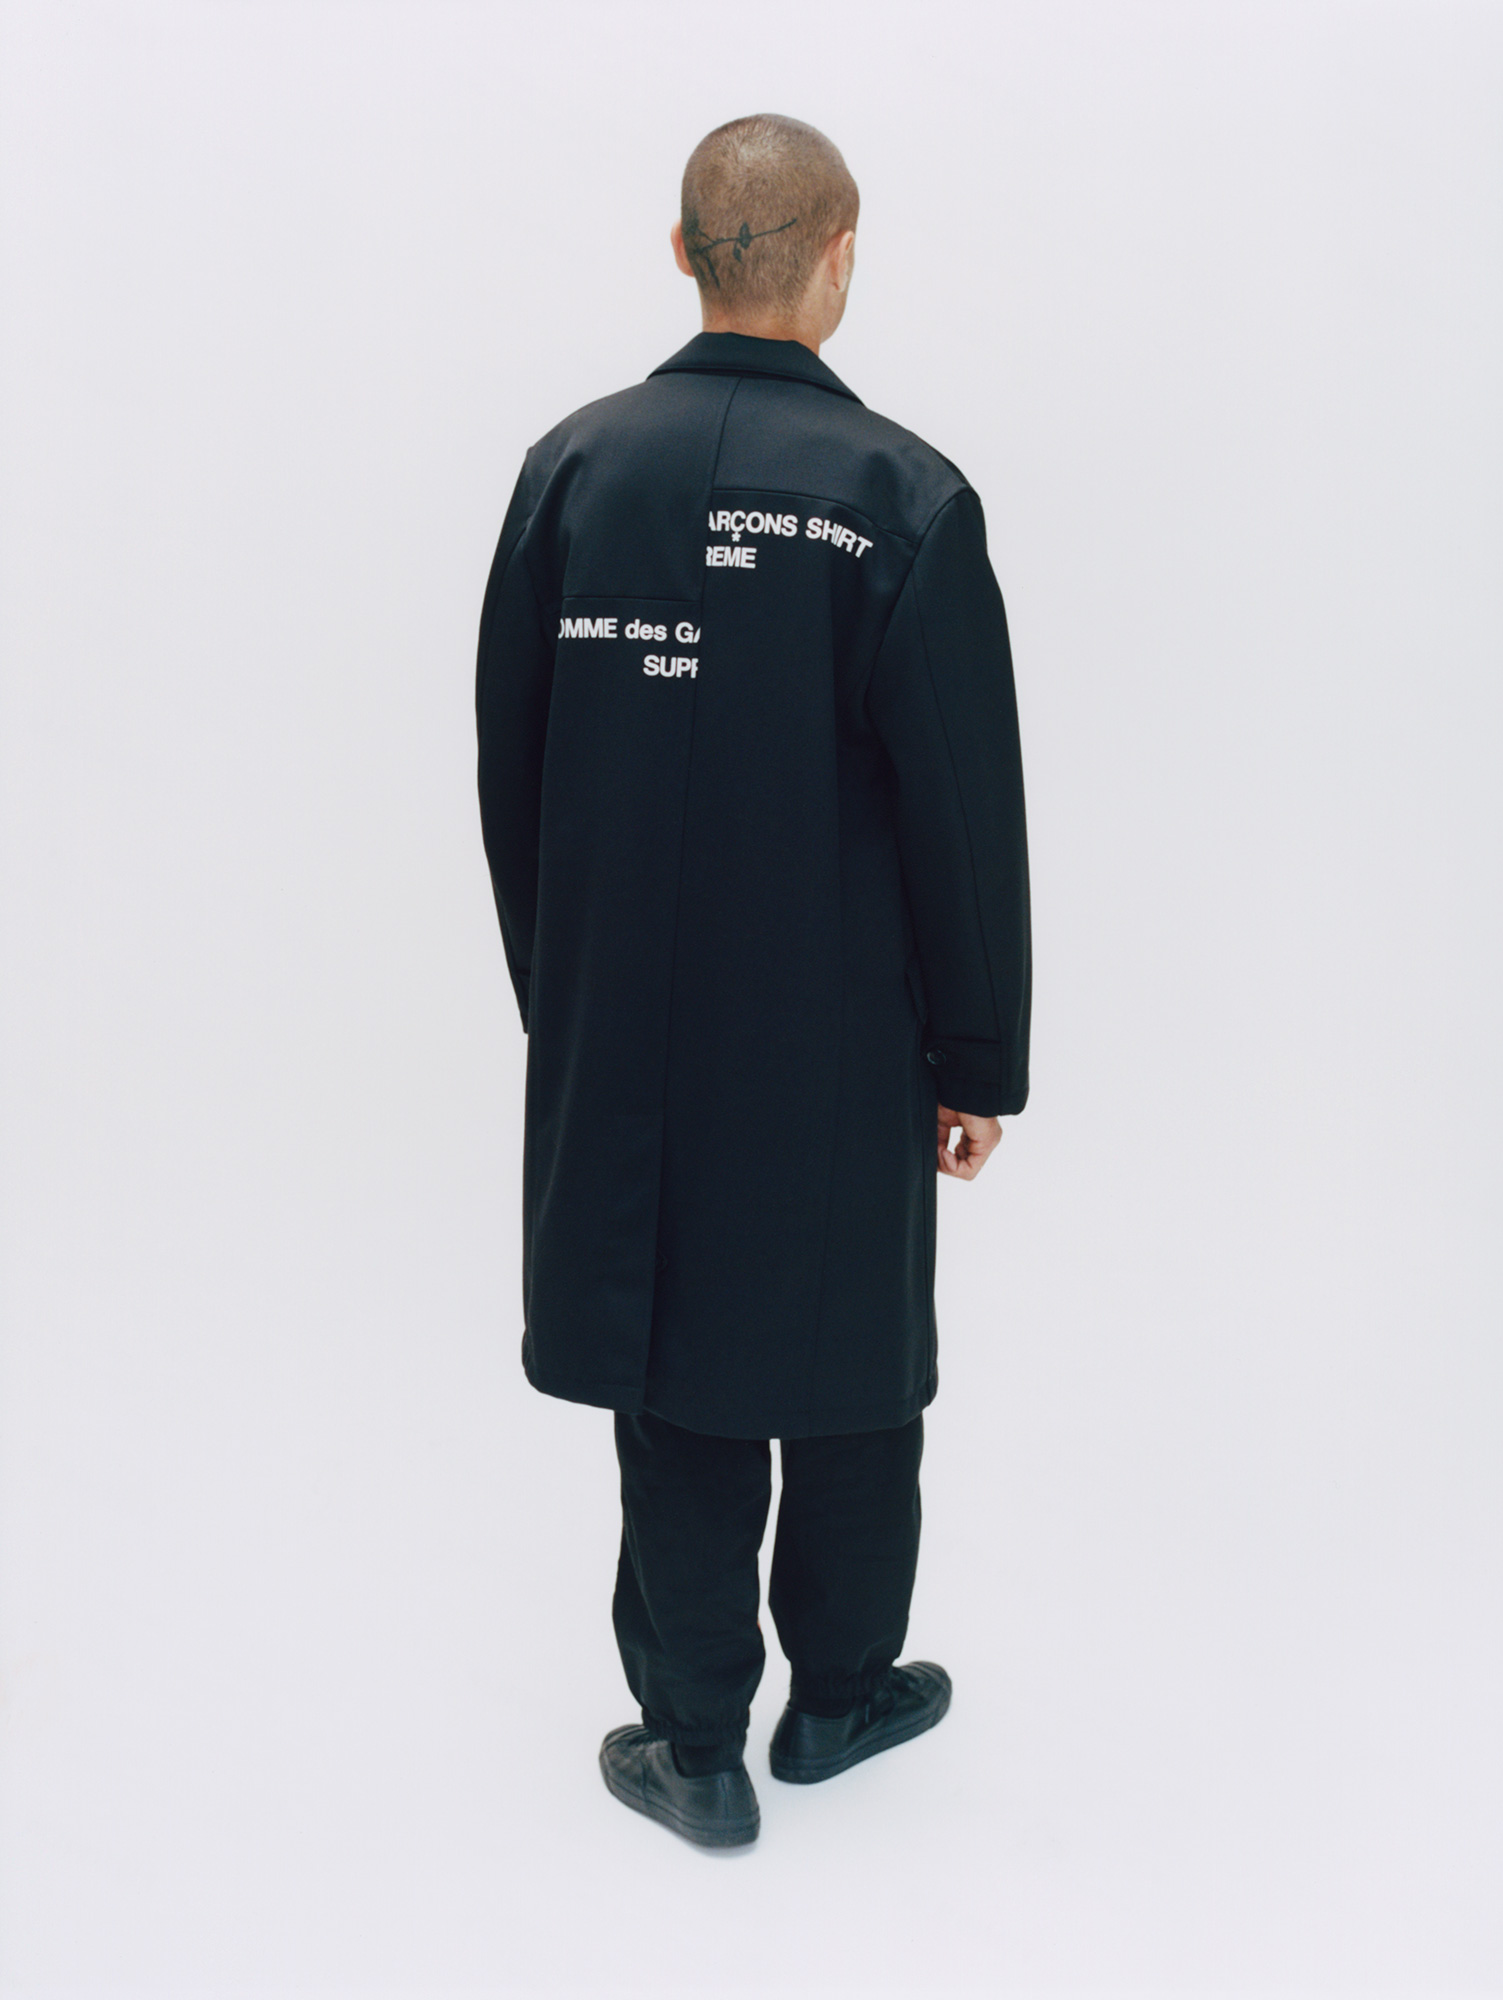 La nuova collezione Supreme x COMME di GARCON SHIRT | Collater.al